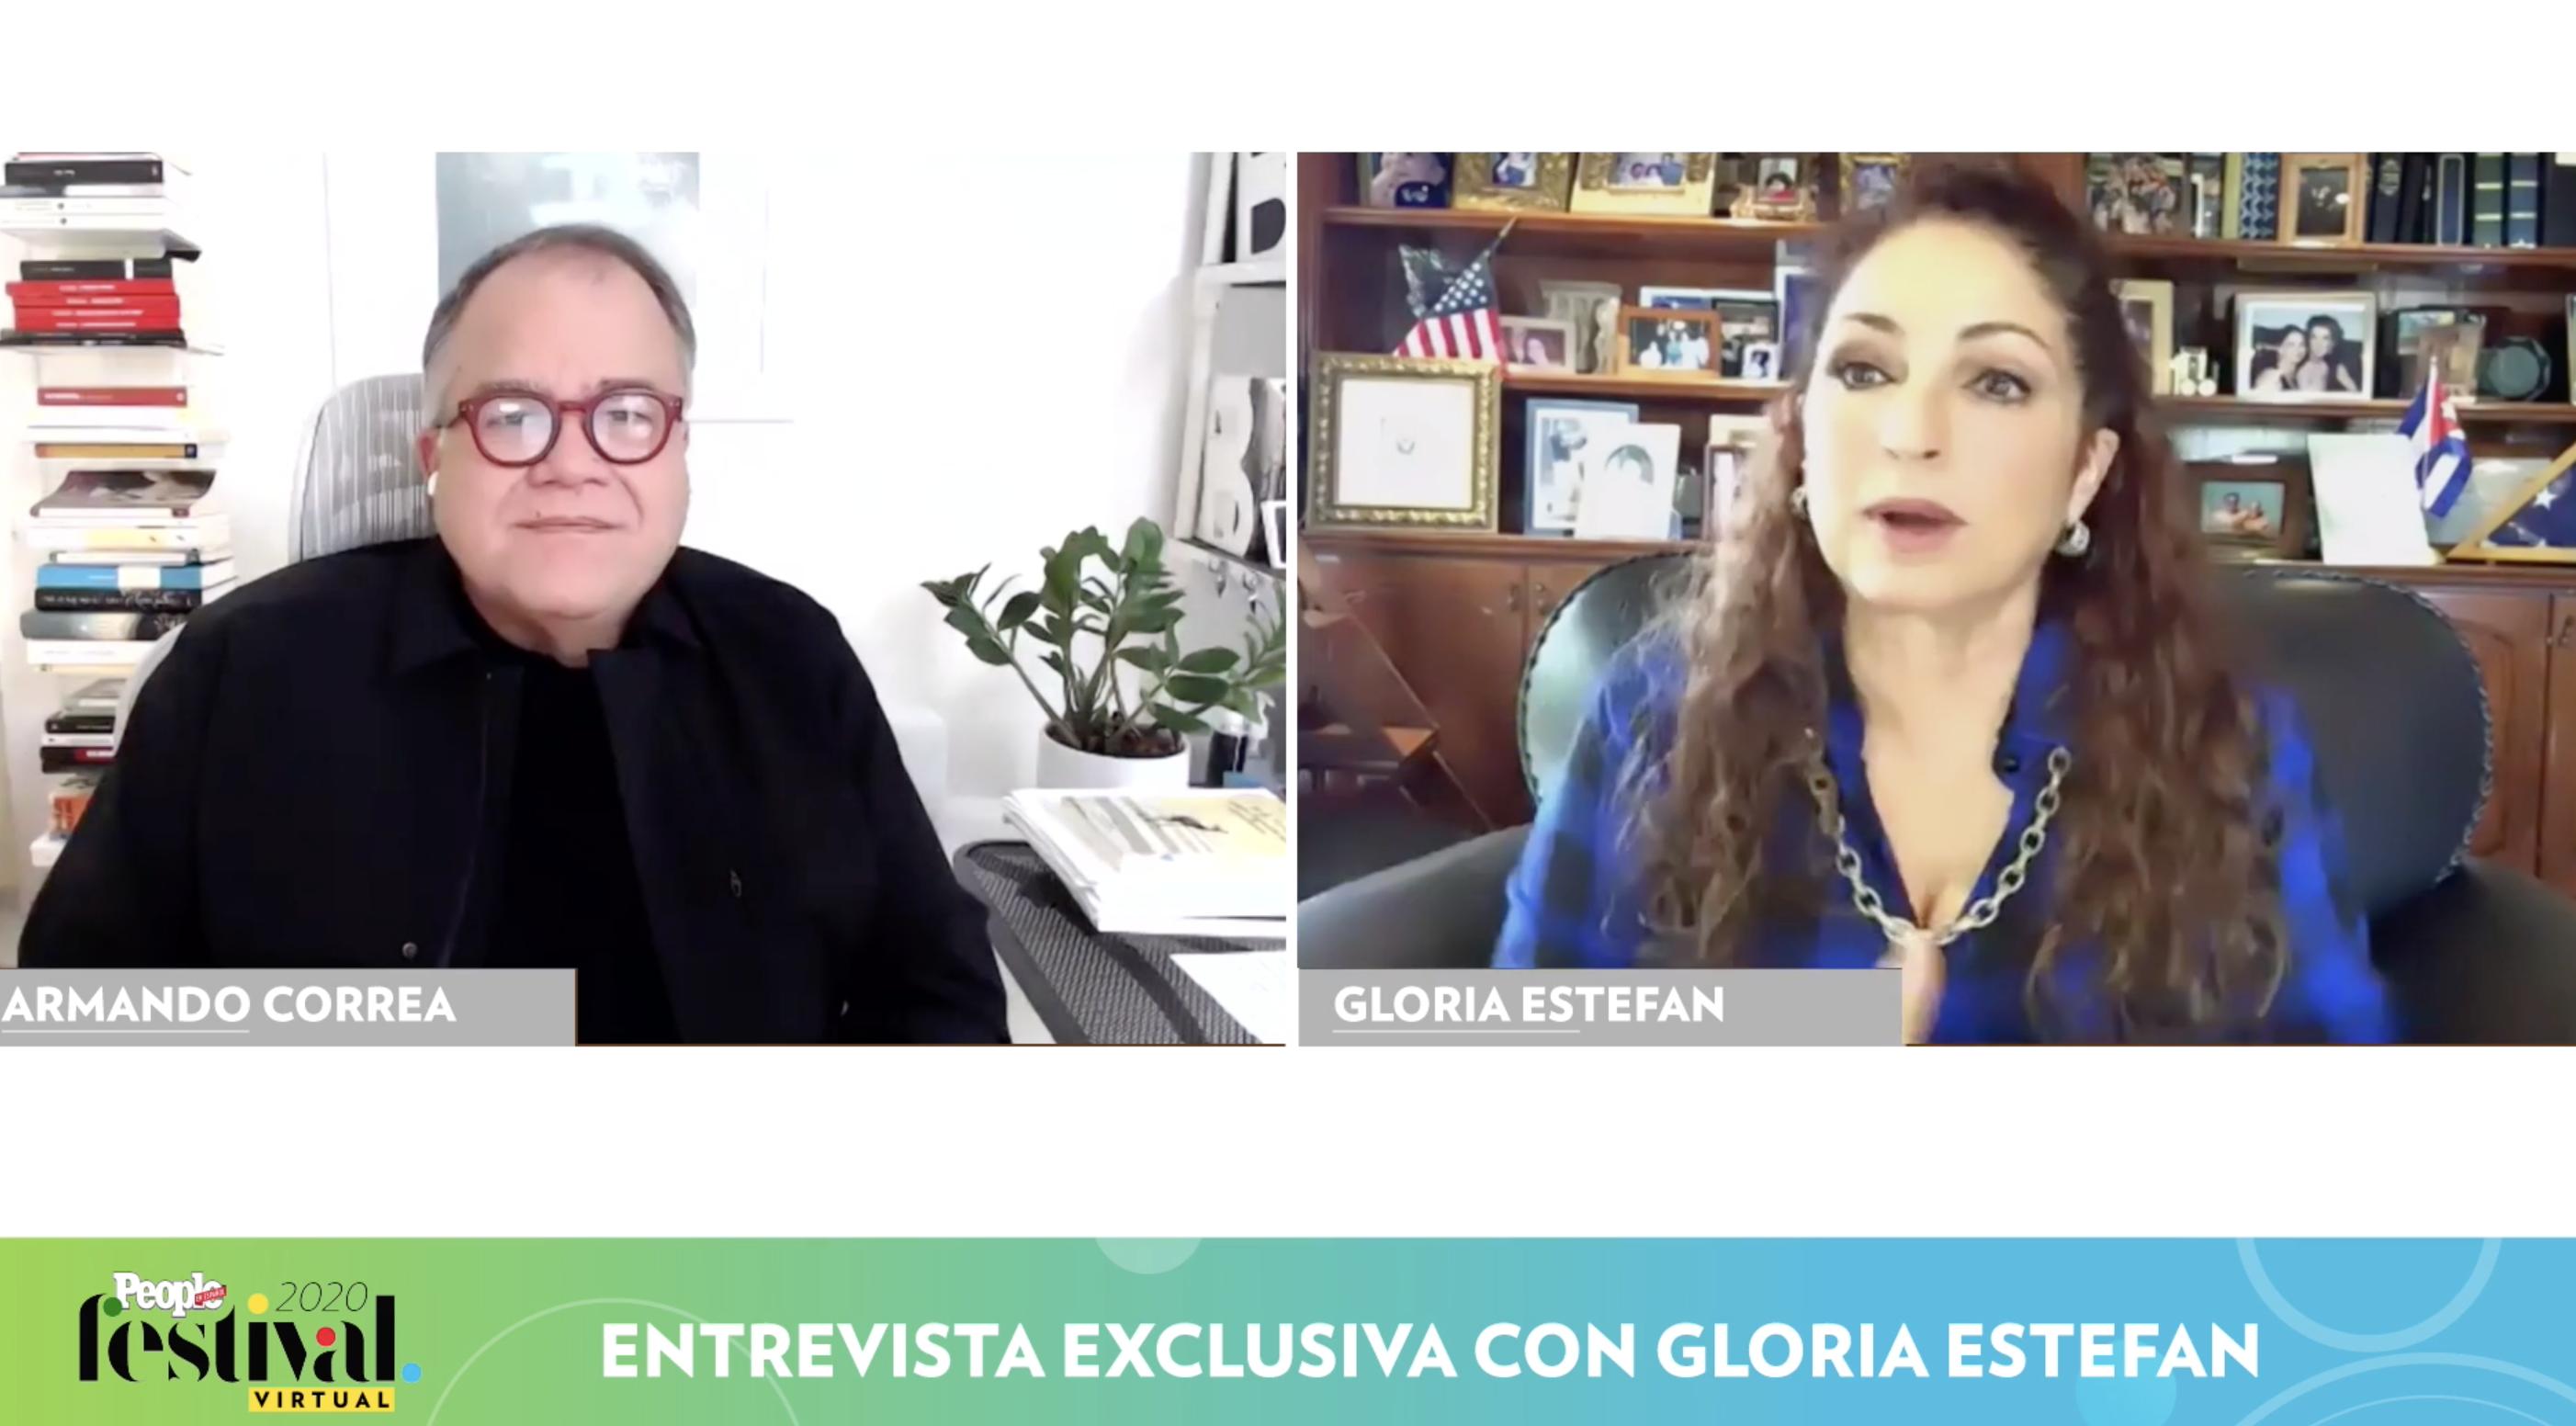 Armando Correa y Glora Estefan